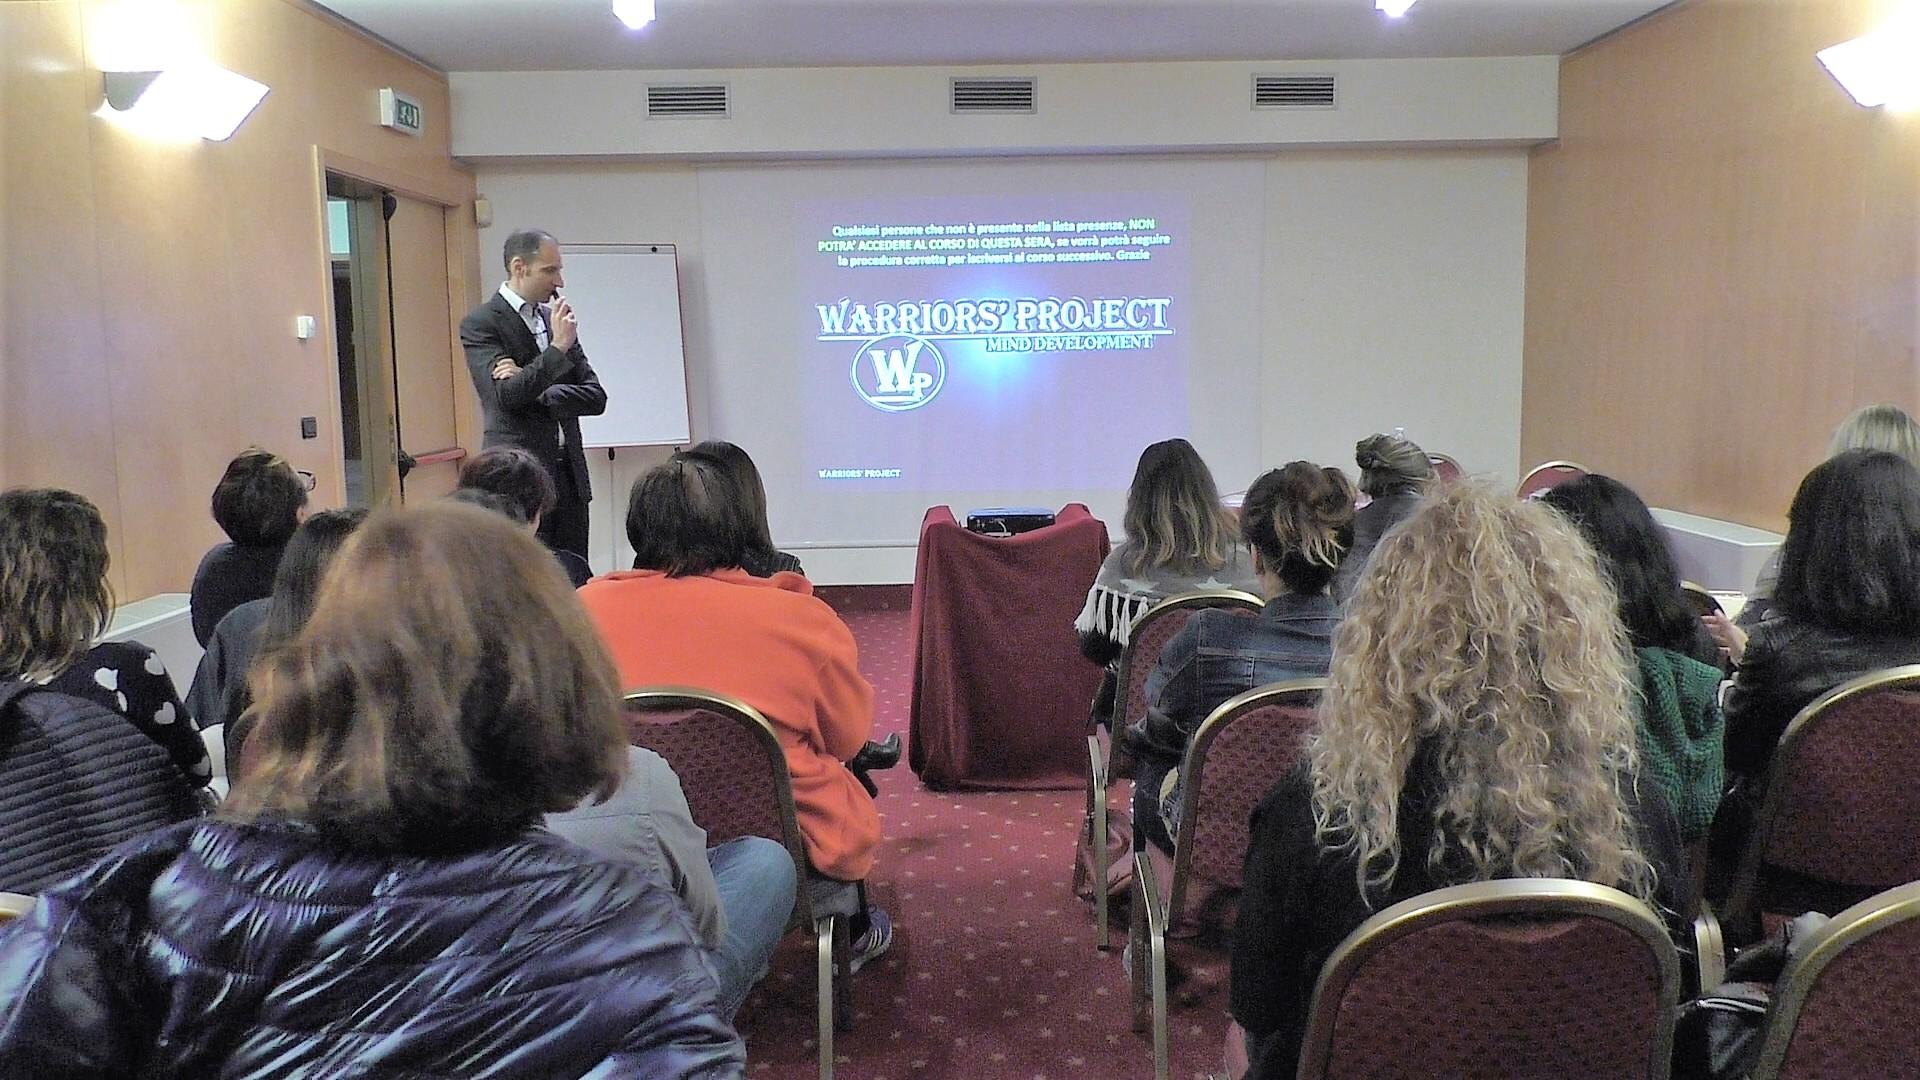 ATTACHMENT DETAILS CORSO-DI-FORMAZIONE-GRATUITO-A-BOLOGNA-–-strategie-obiettivi-mentalità-vincente-warriors-project-vincenzo-cento